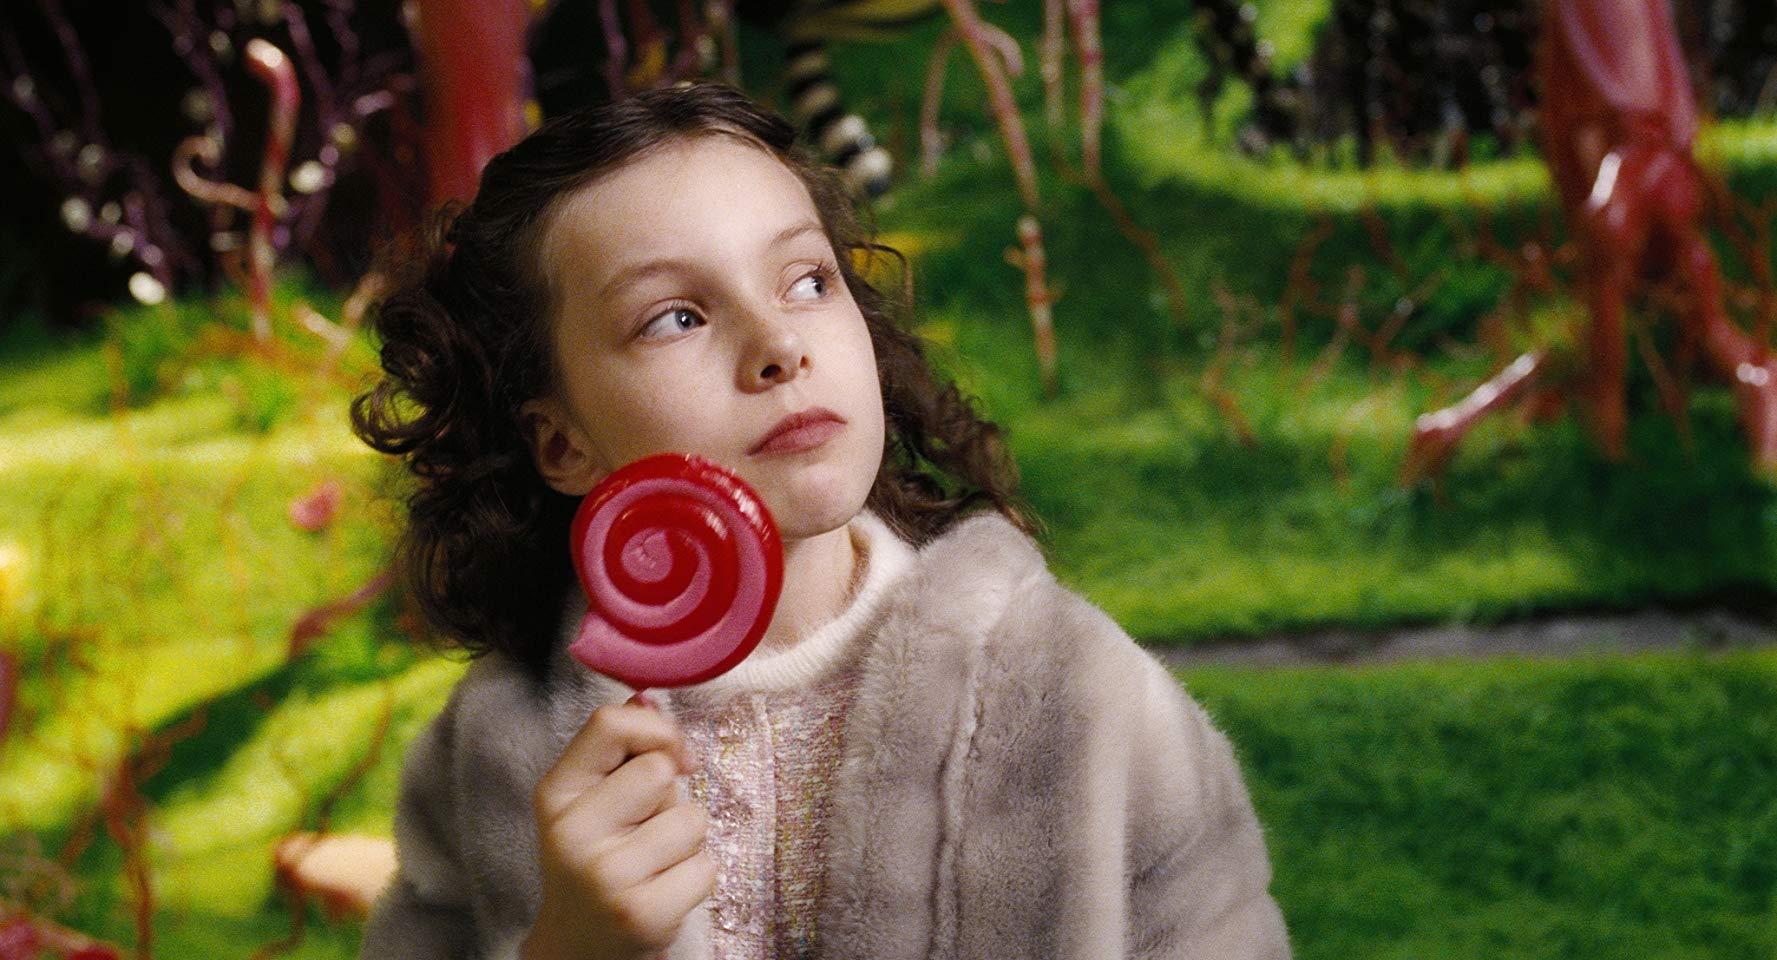 Así luce el elenco de Charlie y la fábrica de chocolate